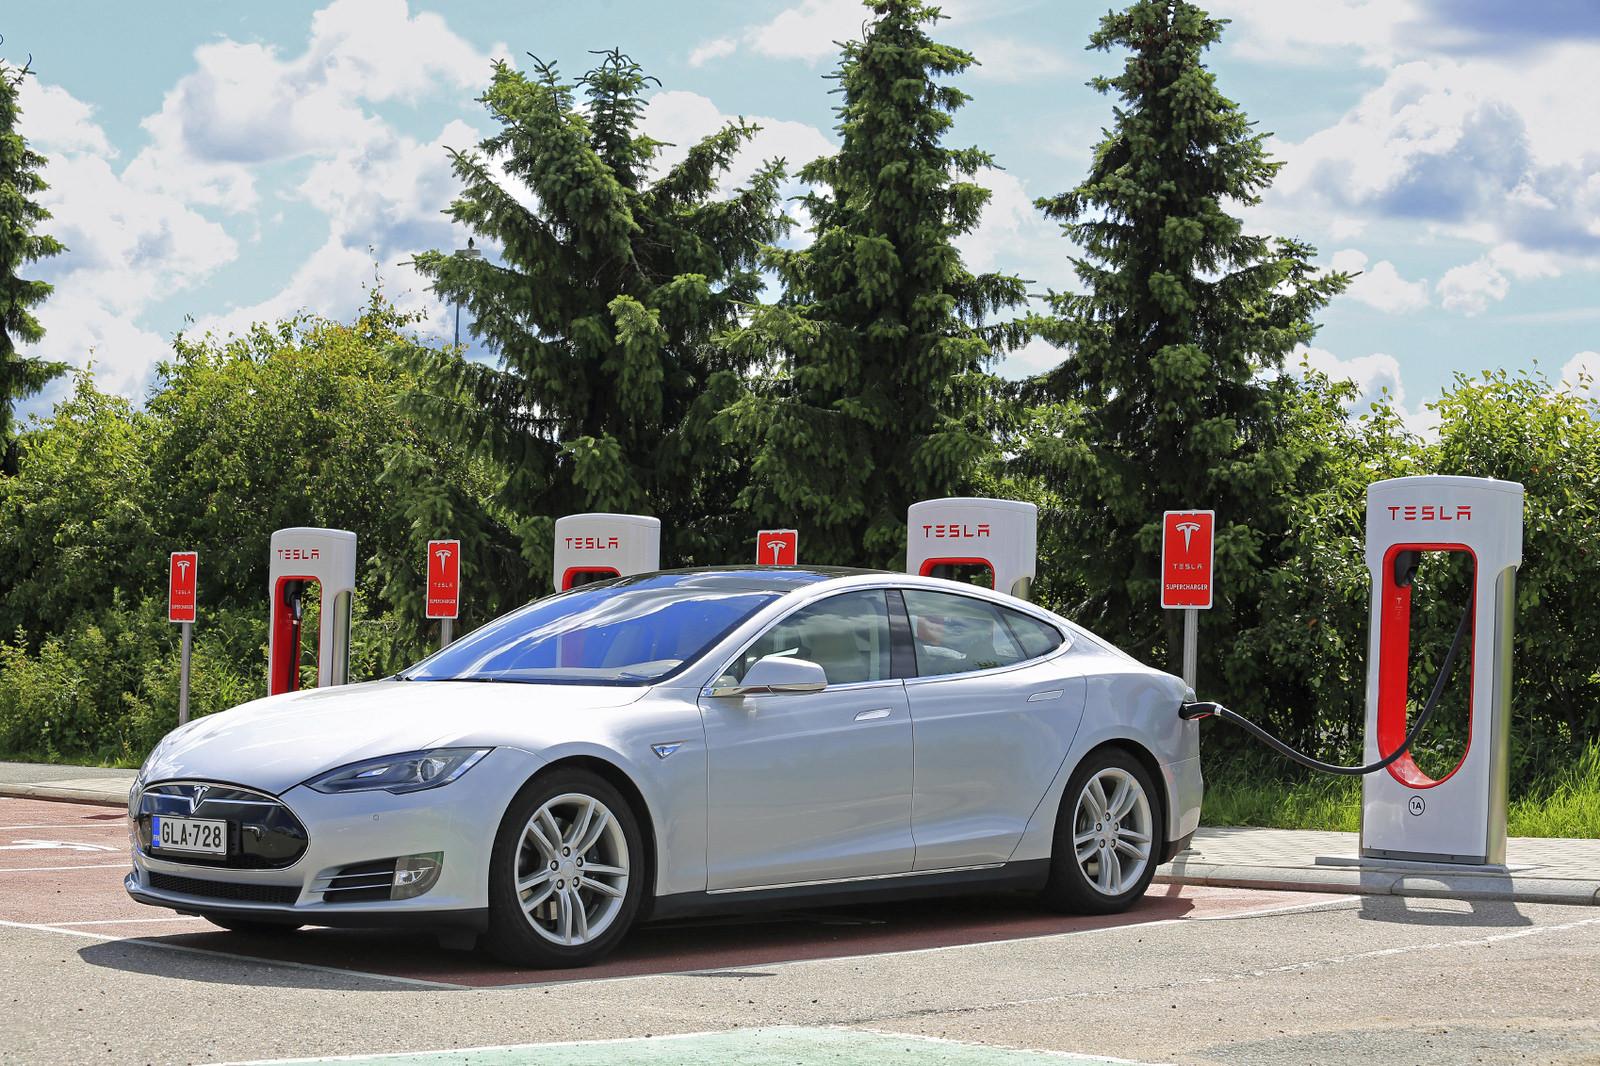 Aparcar gratis y otras ventajas del coche eléctrico en la ciudad